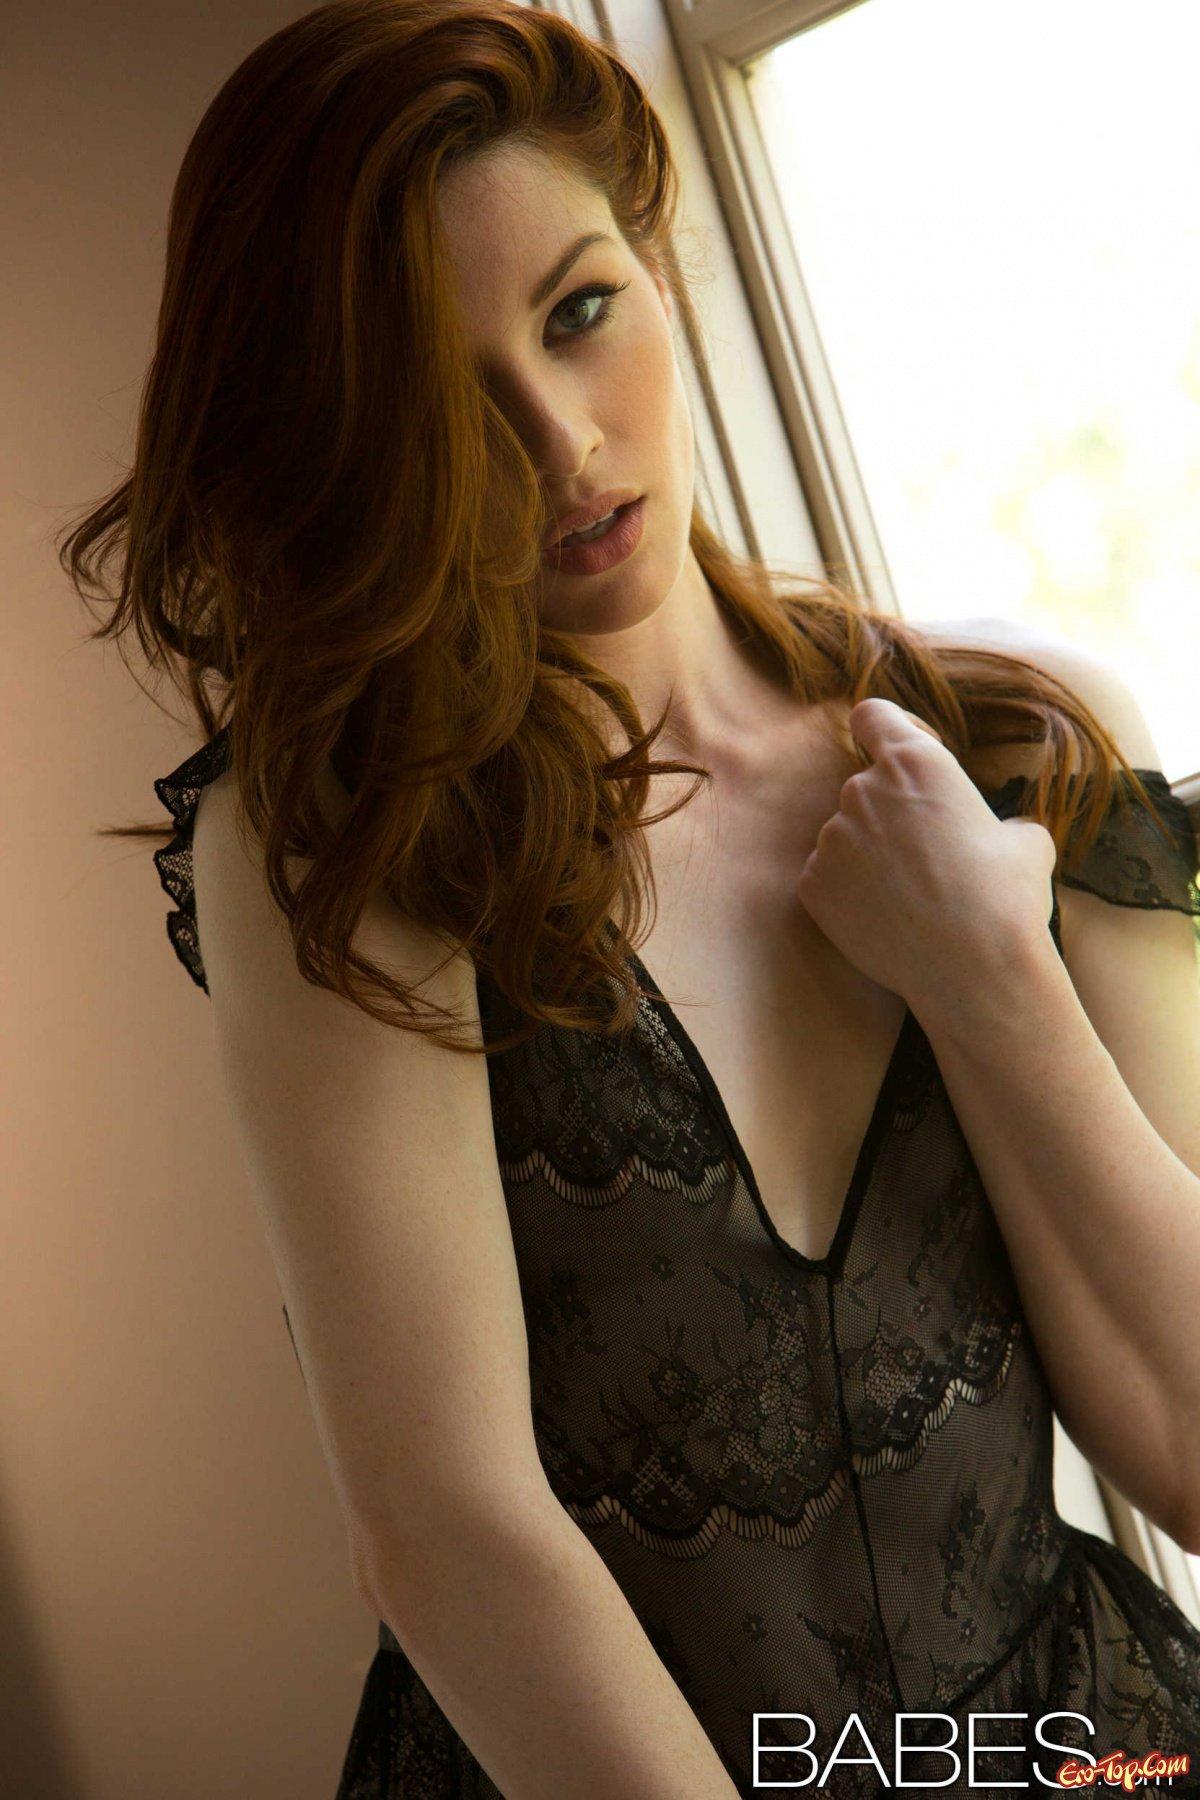 Похотливая рыжеволосая девушка секс фото